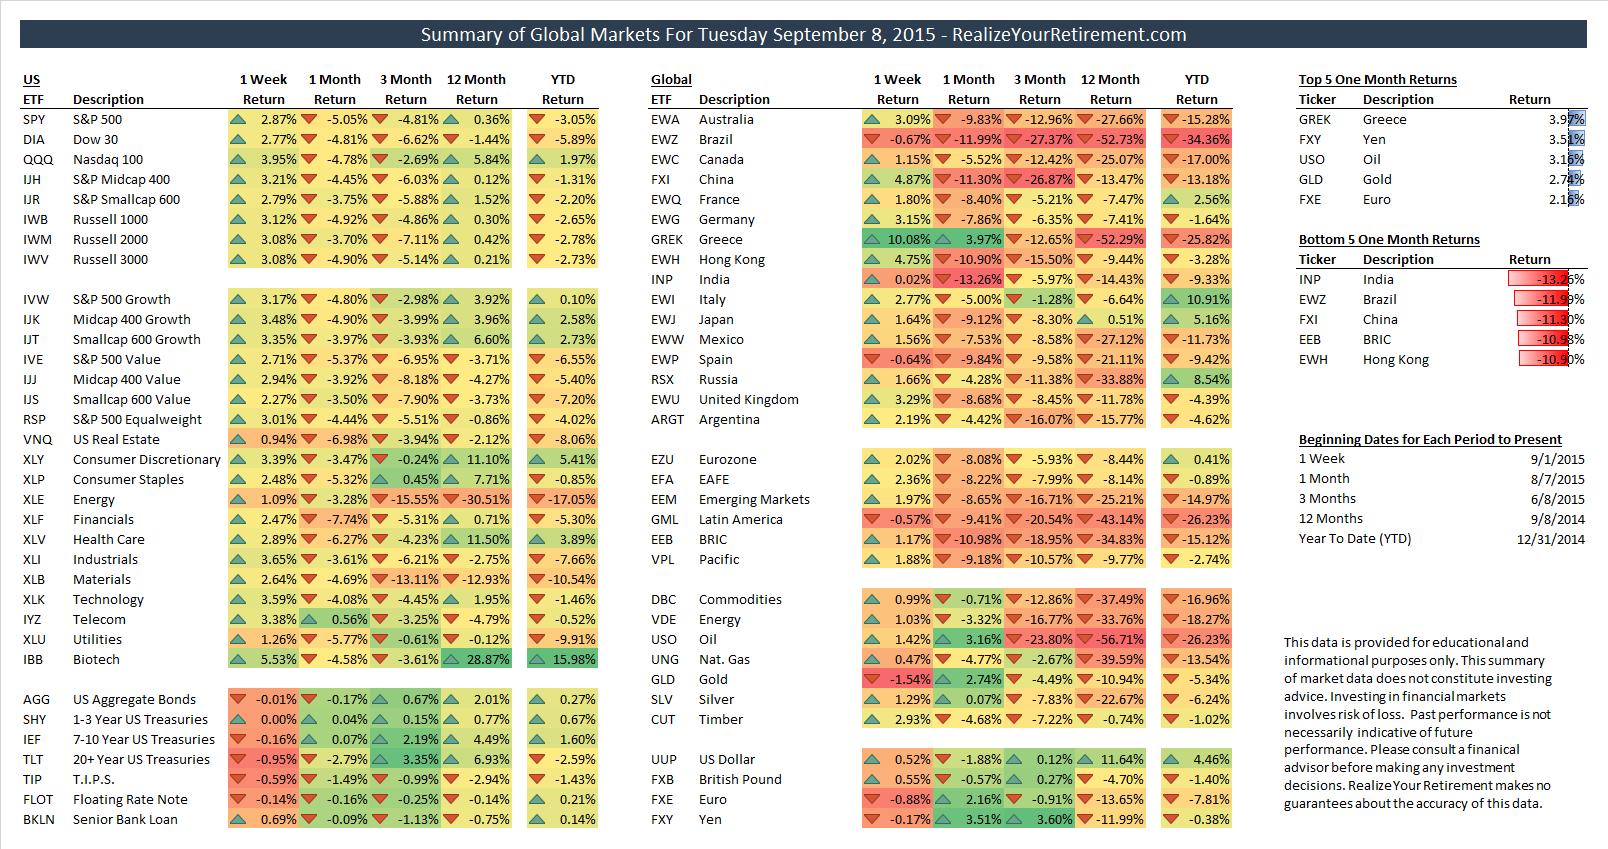 Global Market Summary for September 8, 2015